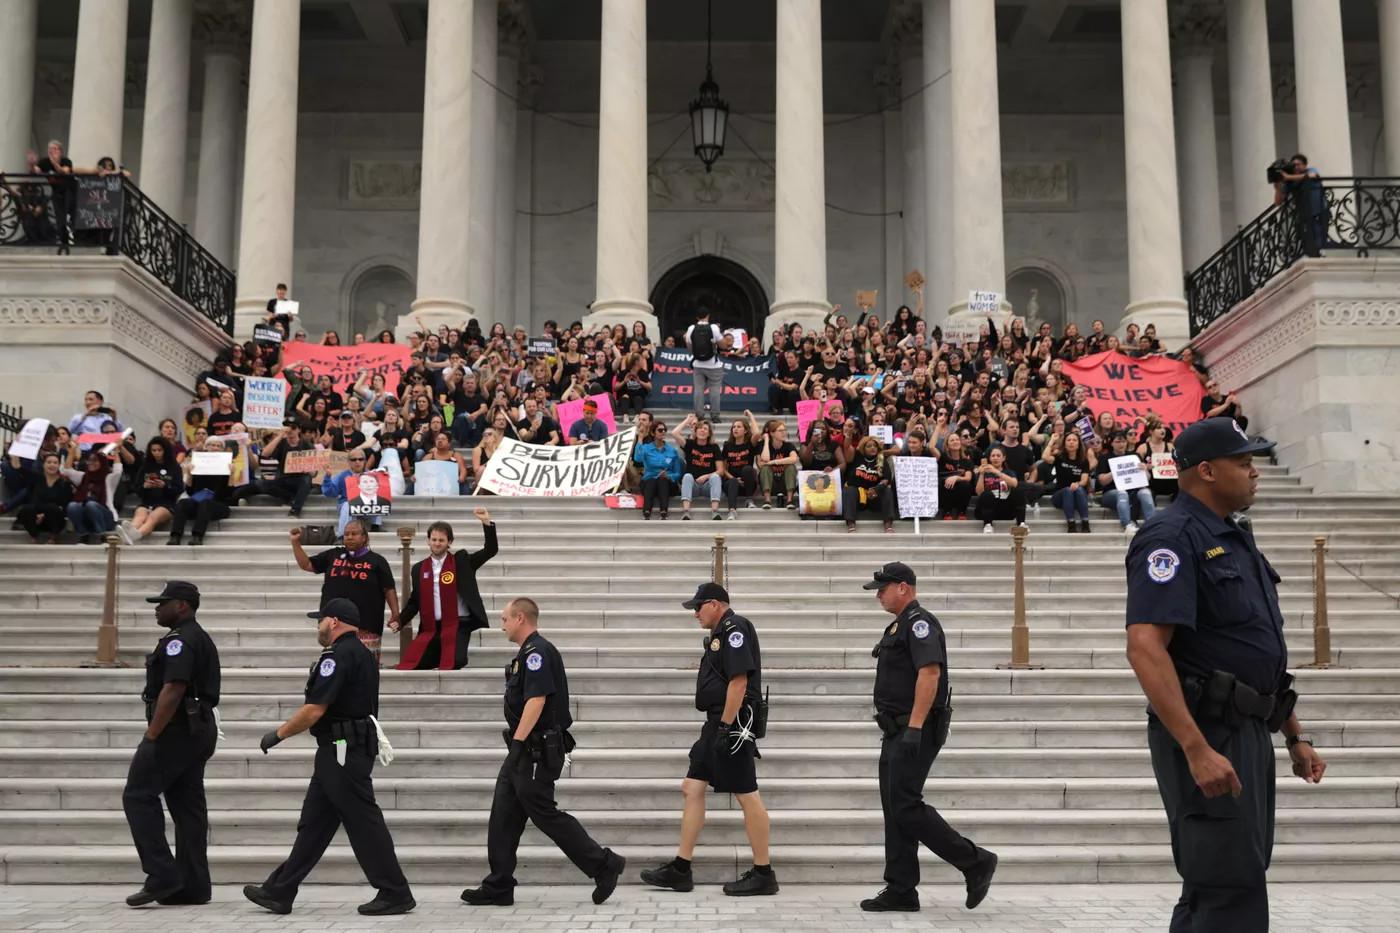 Демонстранти протестују против потврђивања Брета Каваноа за судију Врховног суда од стране Сената, на степеницама испред Капитола, Вашингтон, 06. октобар 2018. (Фото: Chip Somodevilla/Getty Images)